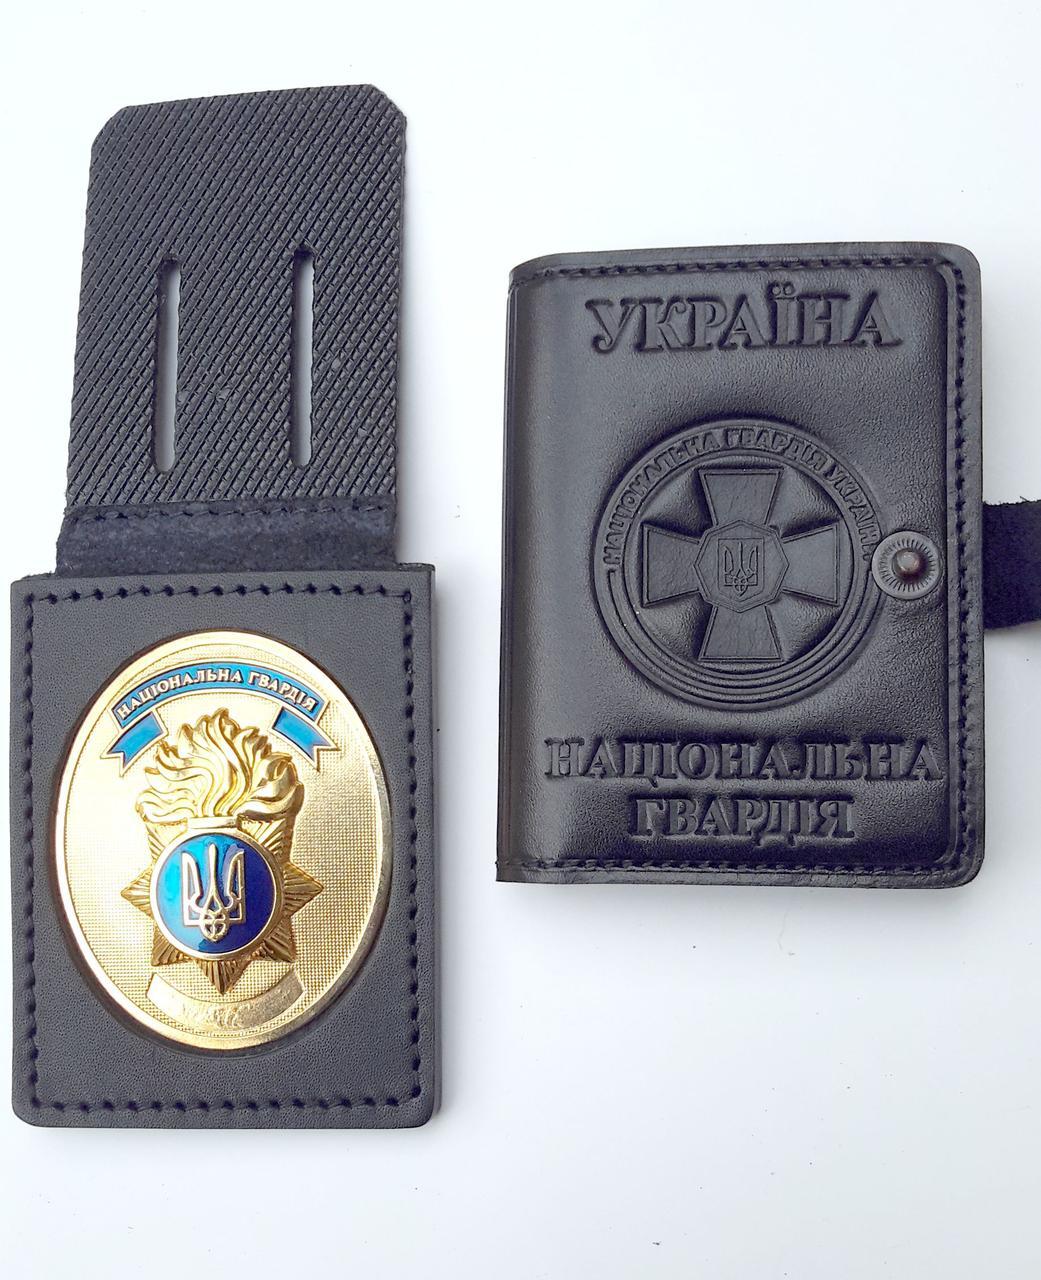 Кожаная обложка на удостоверение национальной гвардии с шевроном под жетон